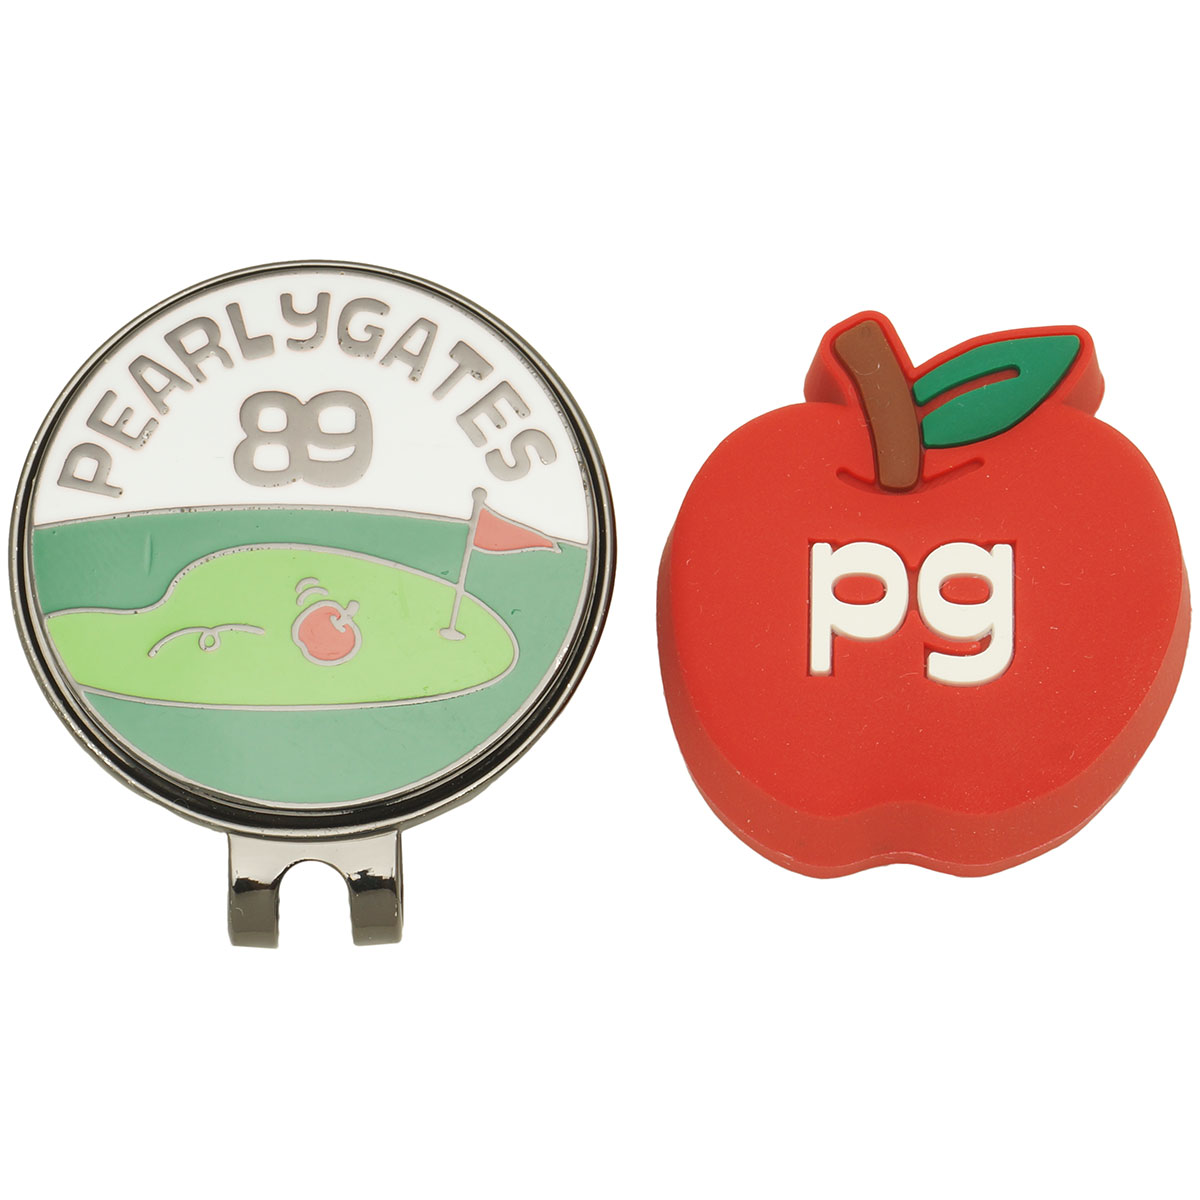 リンゴ半立体マーカー